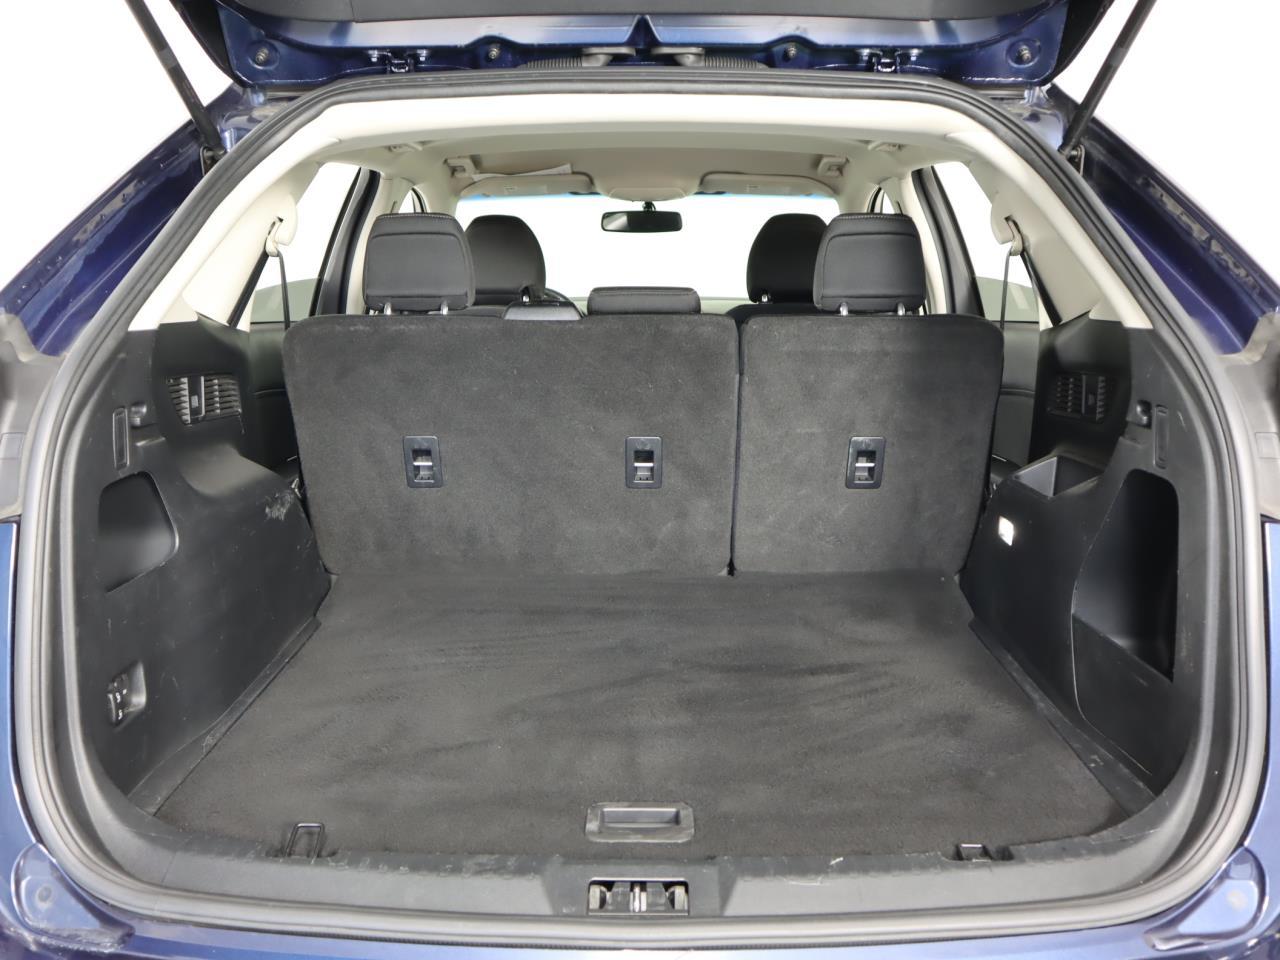 used vehicle - SUV FORD EDGE 2017